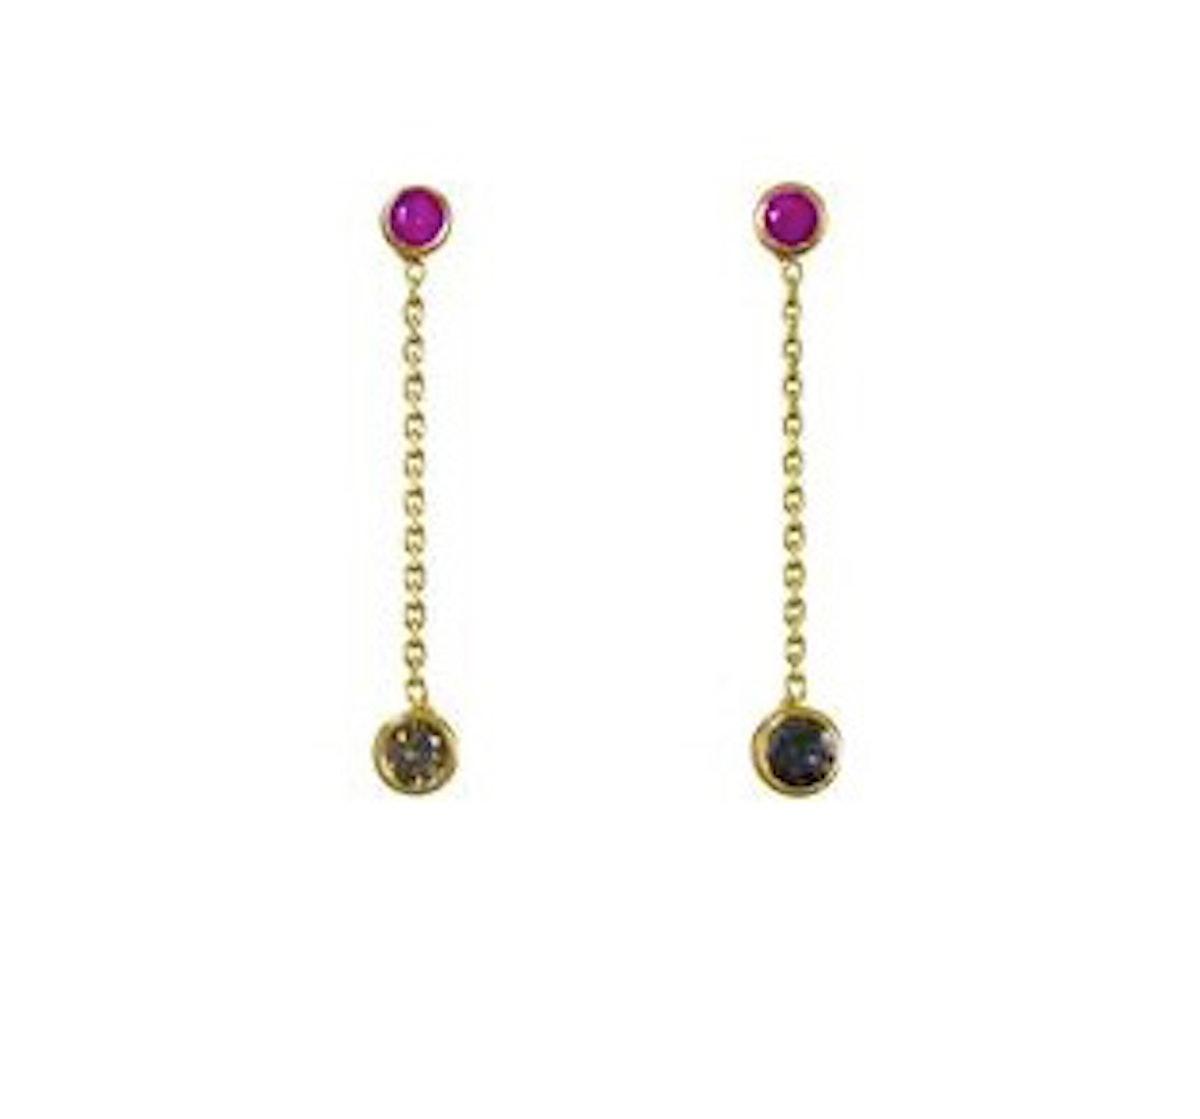 Xiao Wang earrings